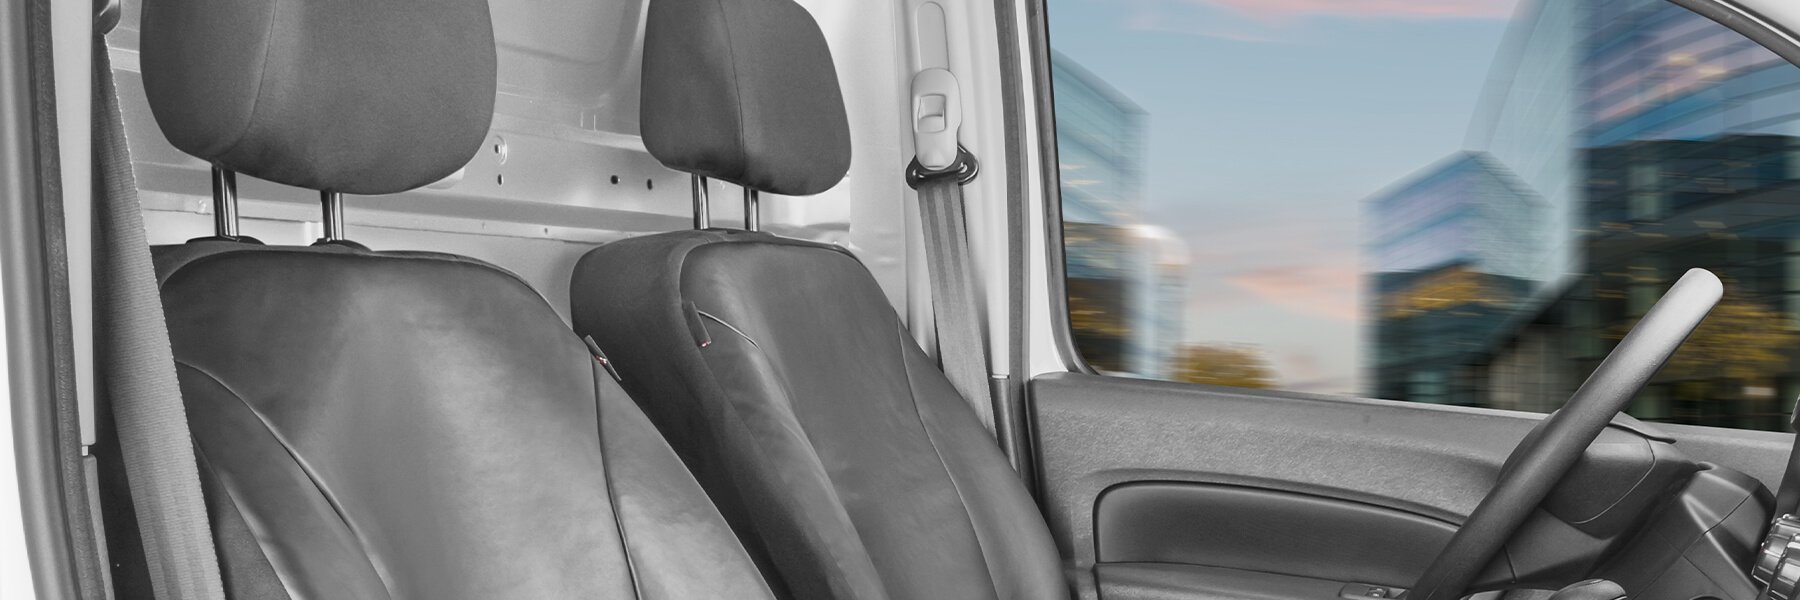 Schonbezüge Sitzbezug  Sitzbezüge JEEP Fahrer /& Beifahrer 906 Neu !